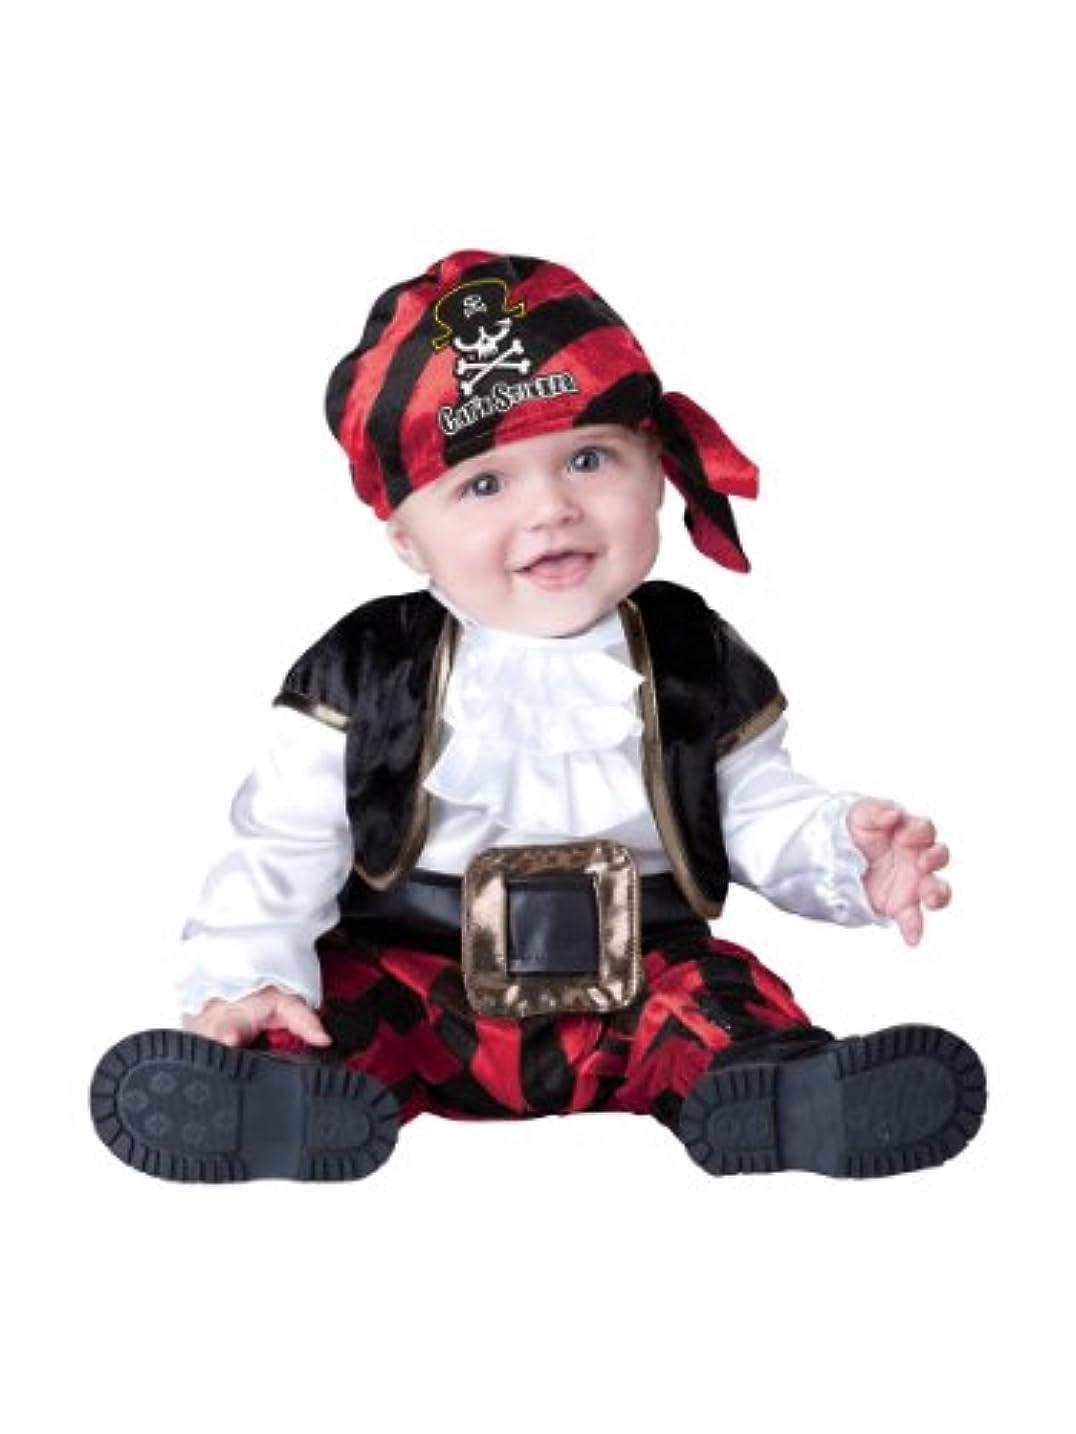 不合格提供する居眠りするCap'n Stinker Pirate Infant / Toddler Costume 船長化なる海賊乳児/幼児コスチューム サイズ:18 Months-2T